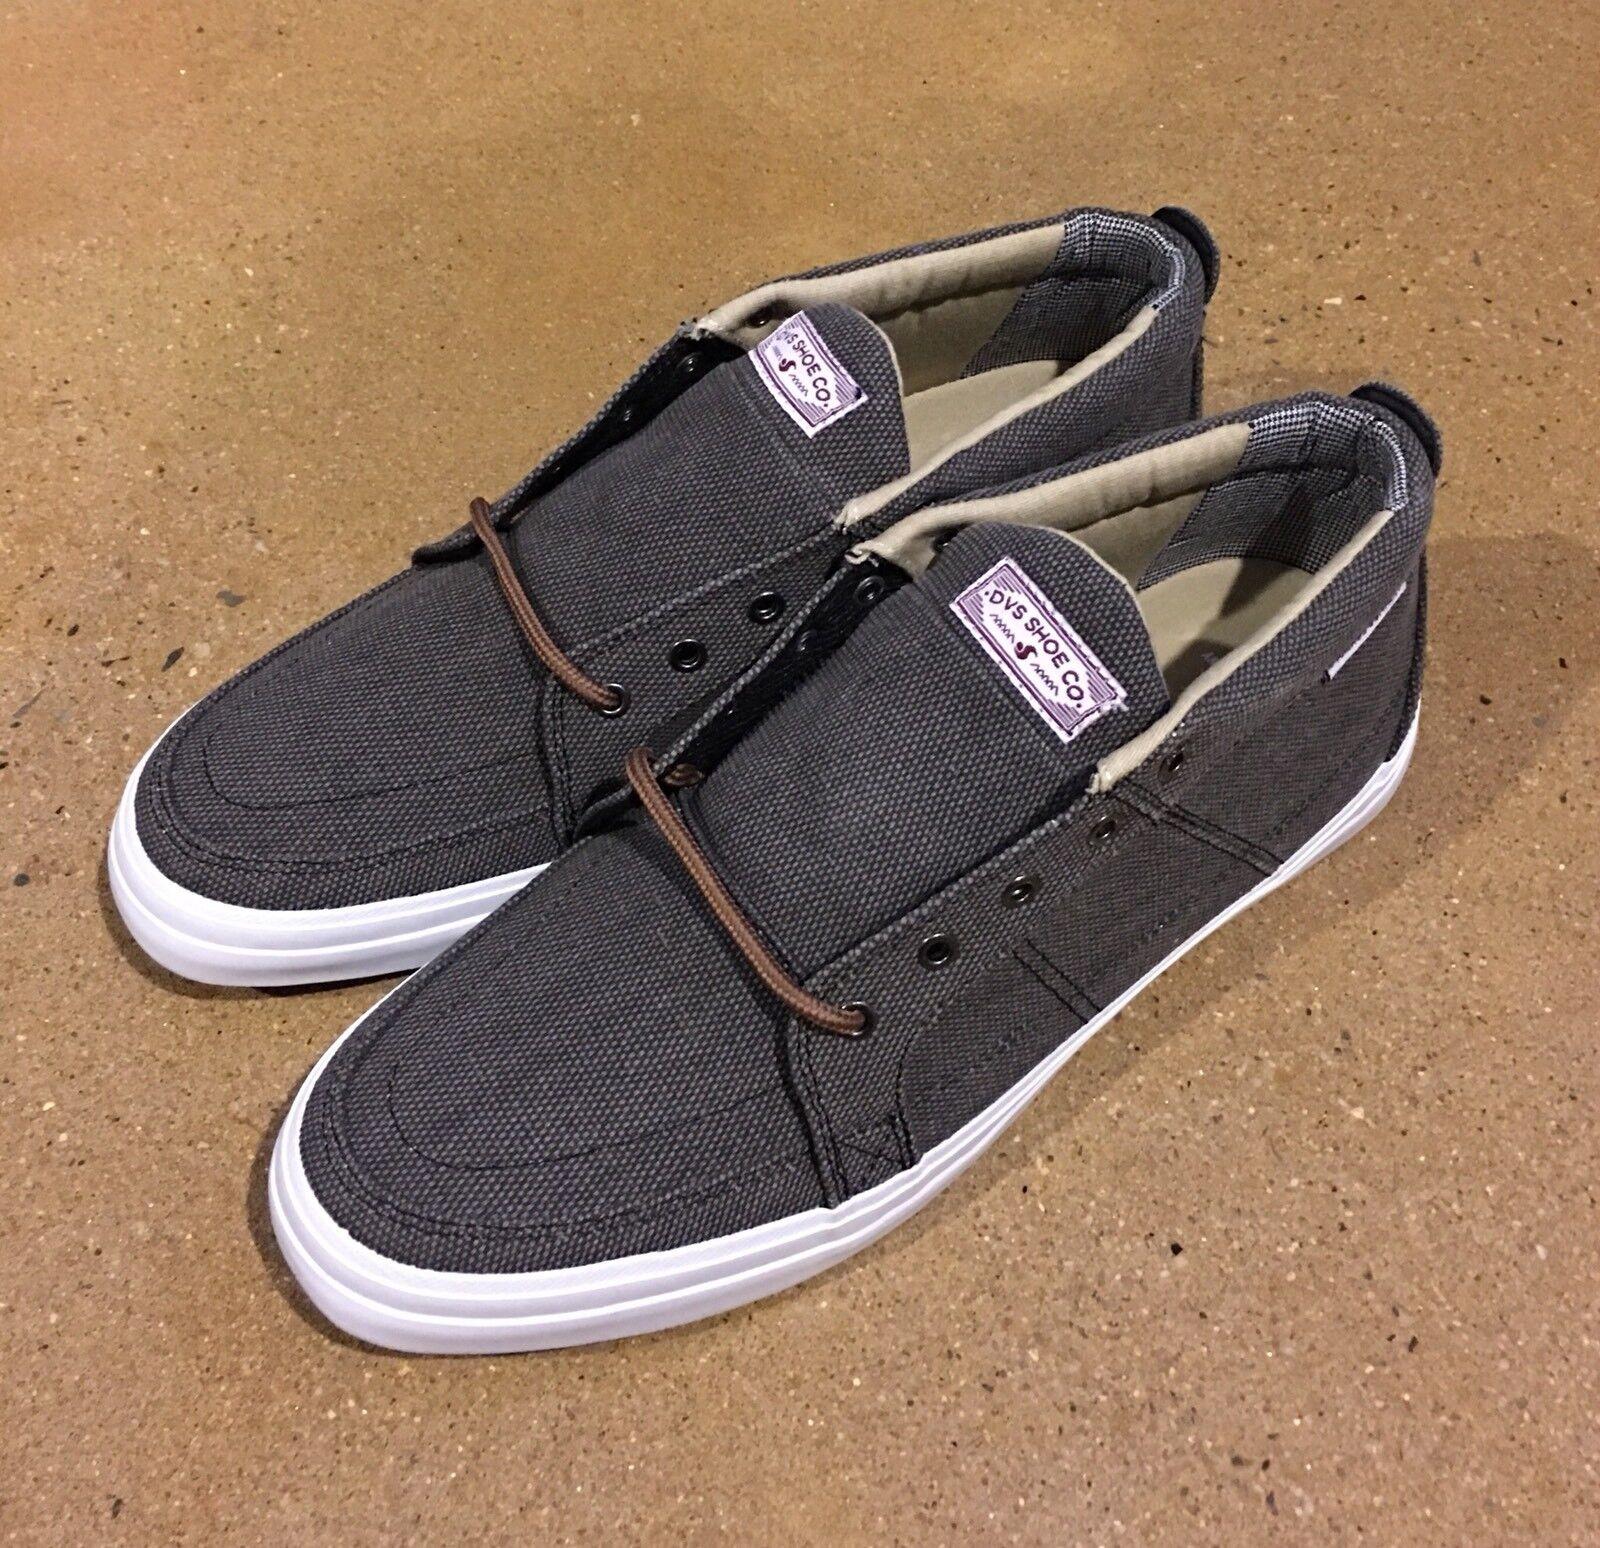 DVS Rivera Size 11 Charcoal Canvas Militia Havoc BMX DC Skate Shoes Sneakers